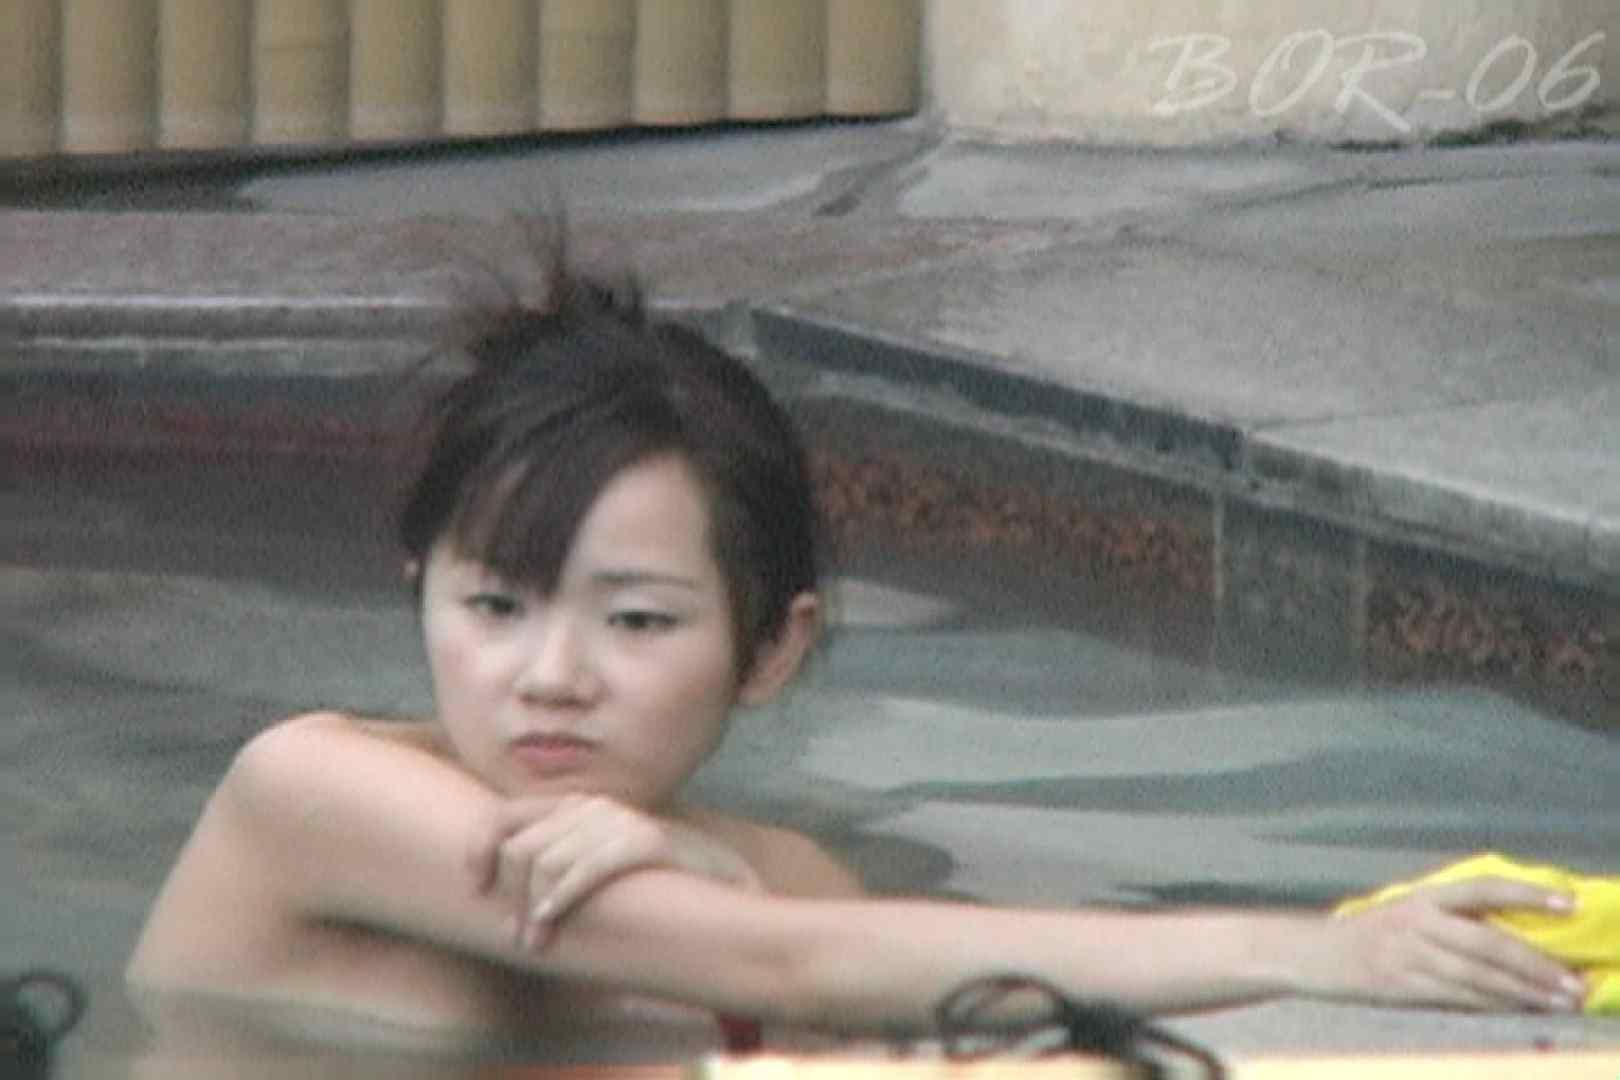 Aquaな露天風呂Vol.521 露天 | 盗撮  96pic 17